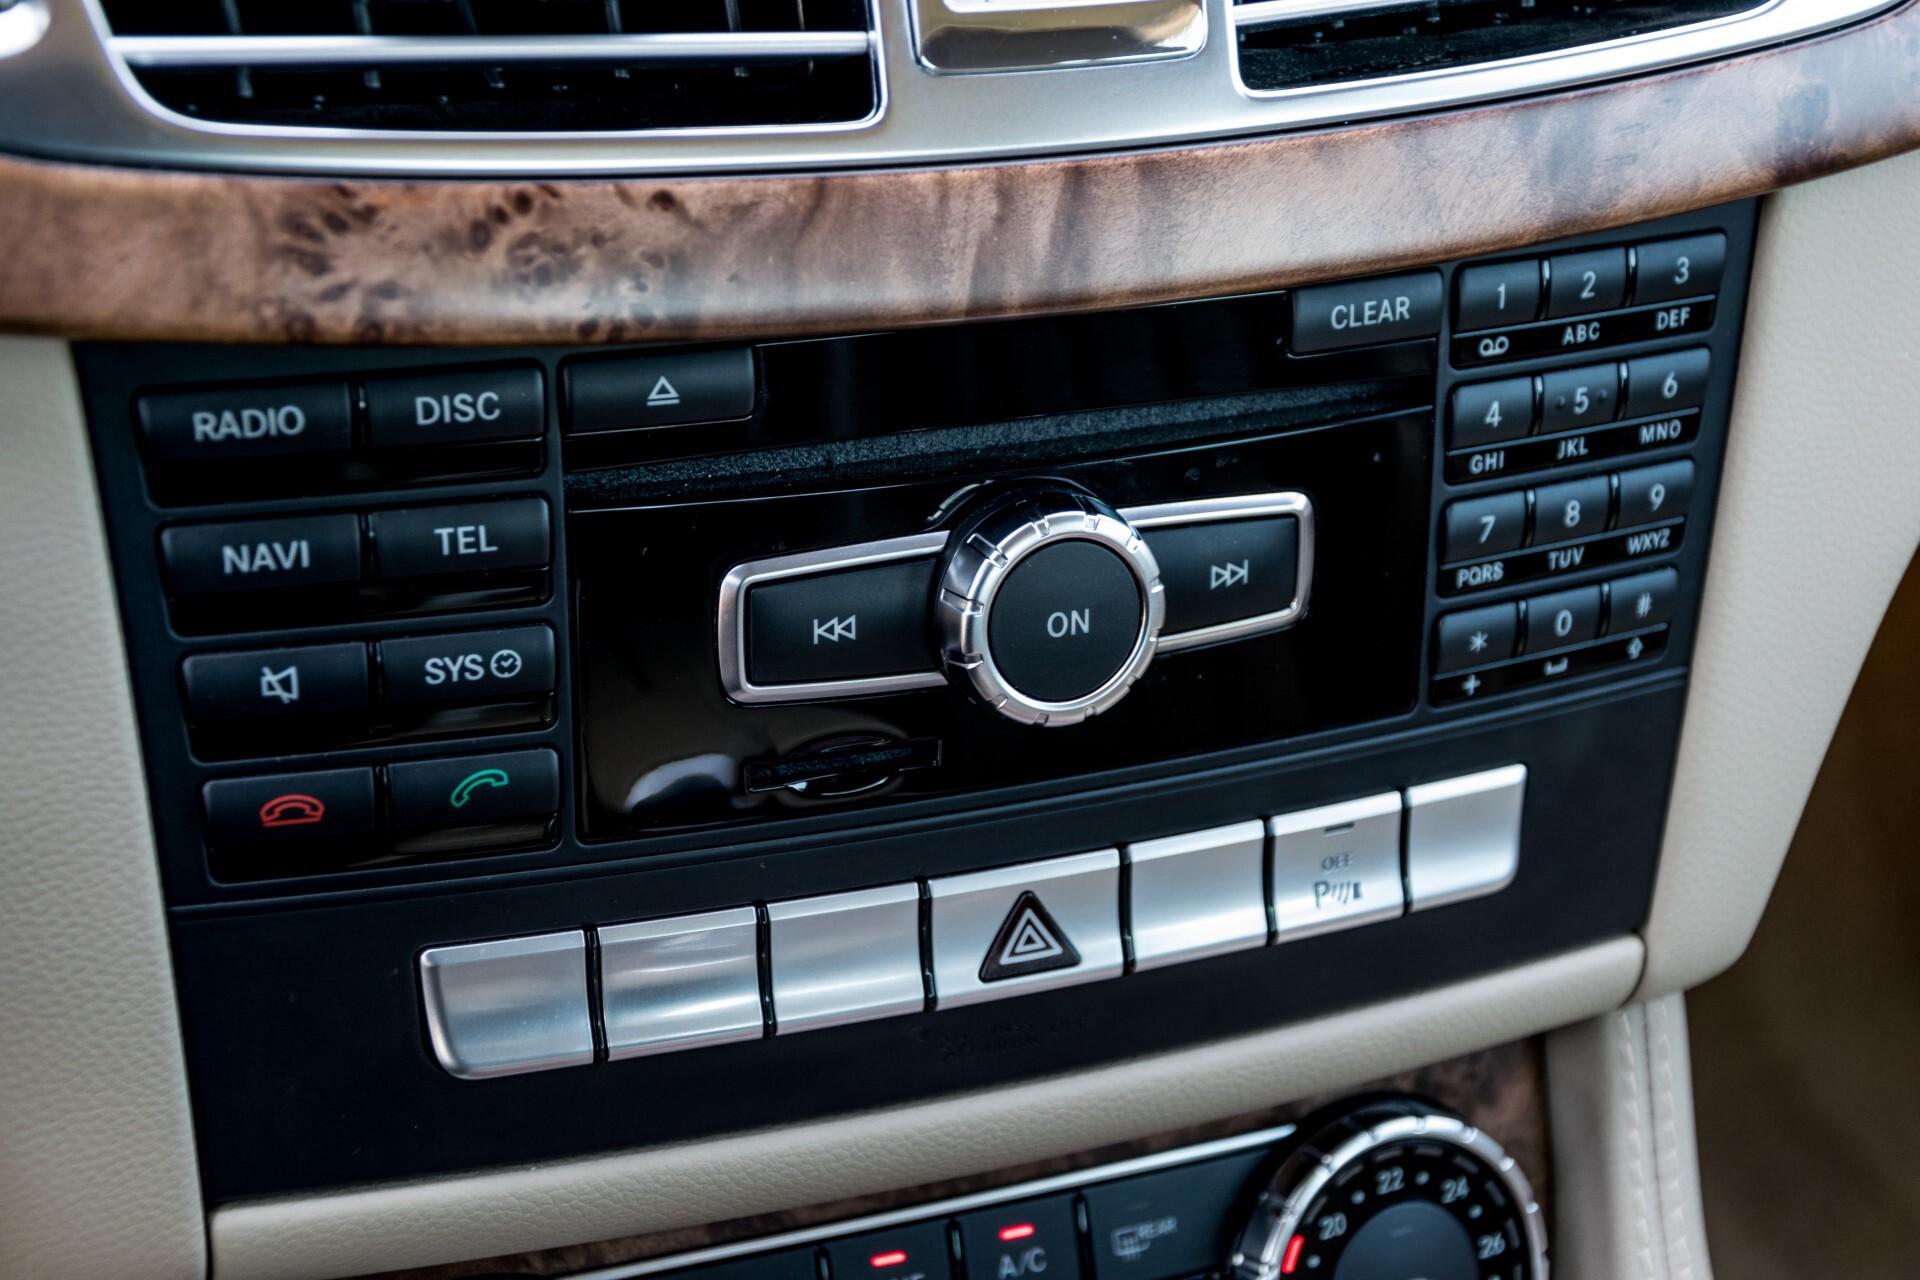 Mercedes-Benz CLS-Klasse 350 Cdi Luchtvering/Distronic/Nachtzicht/AMG/Comand/ILS Aut7 Foto 30